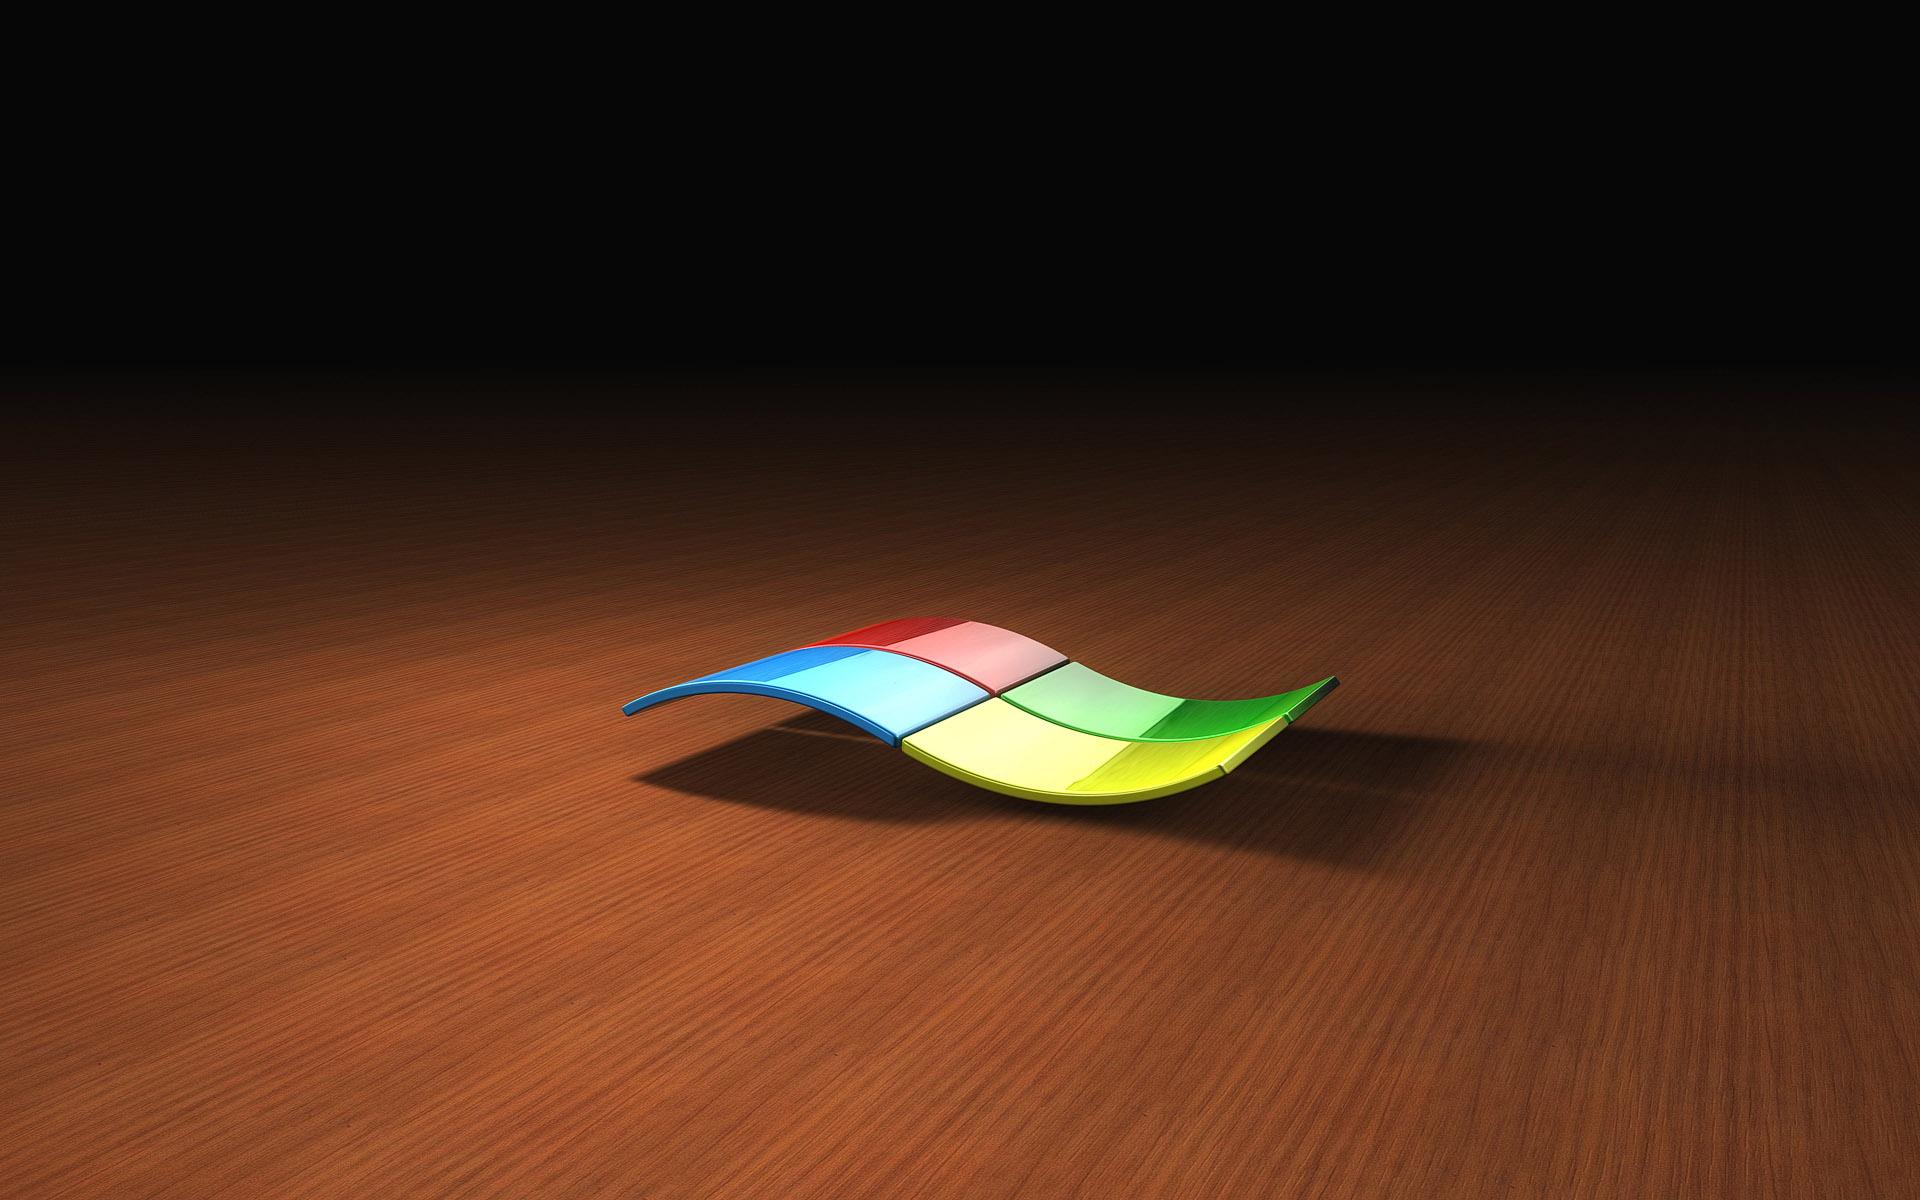 nature 3d wallpaper windows 7,origami,graphics,logo,paper,art